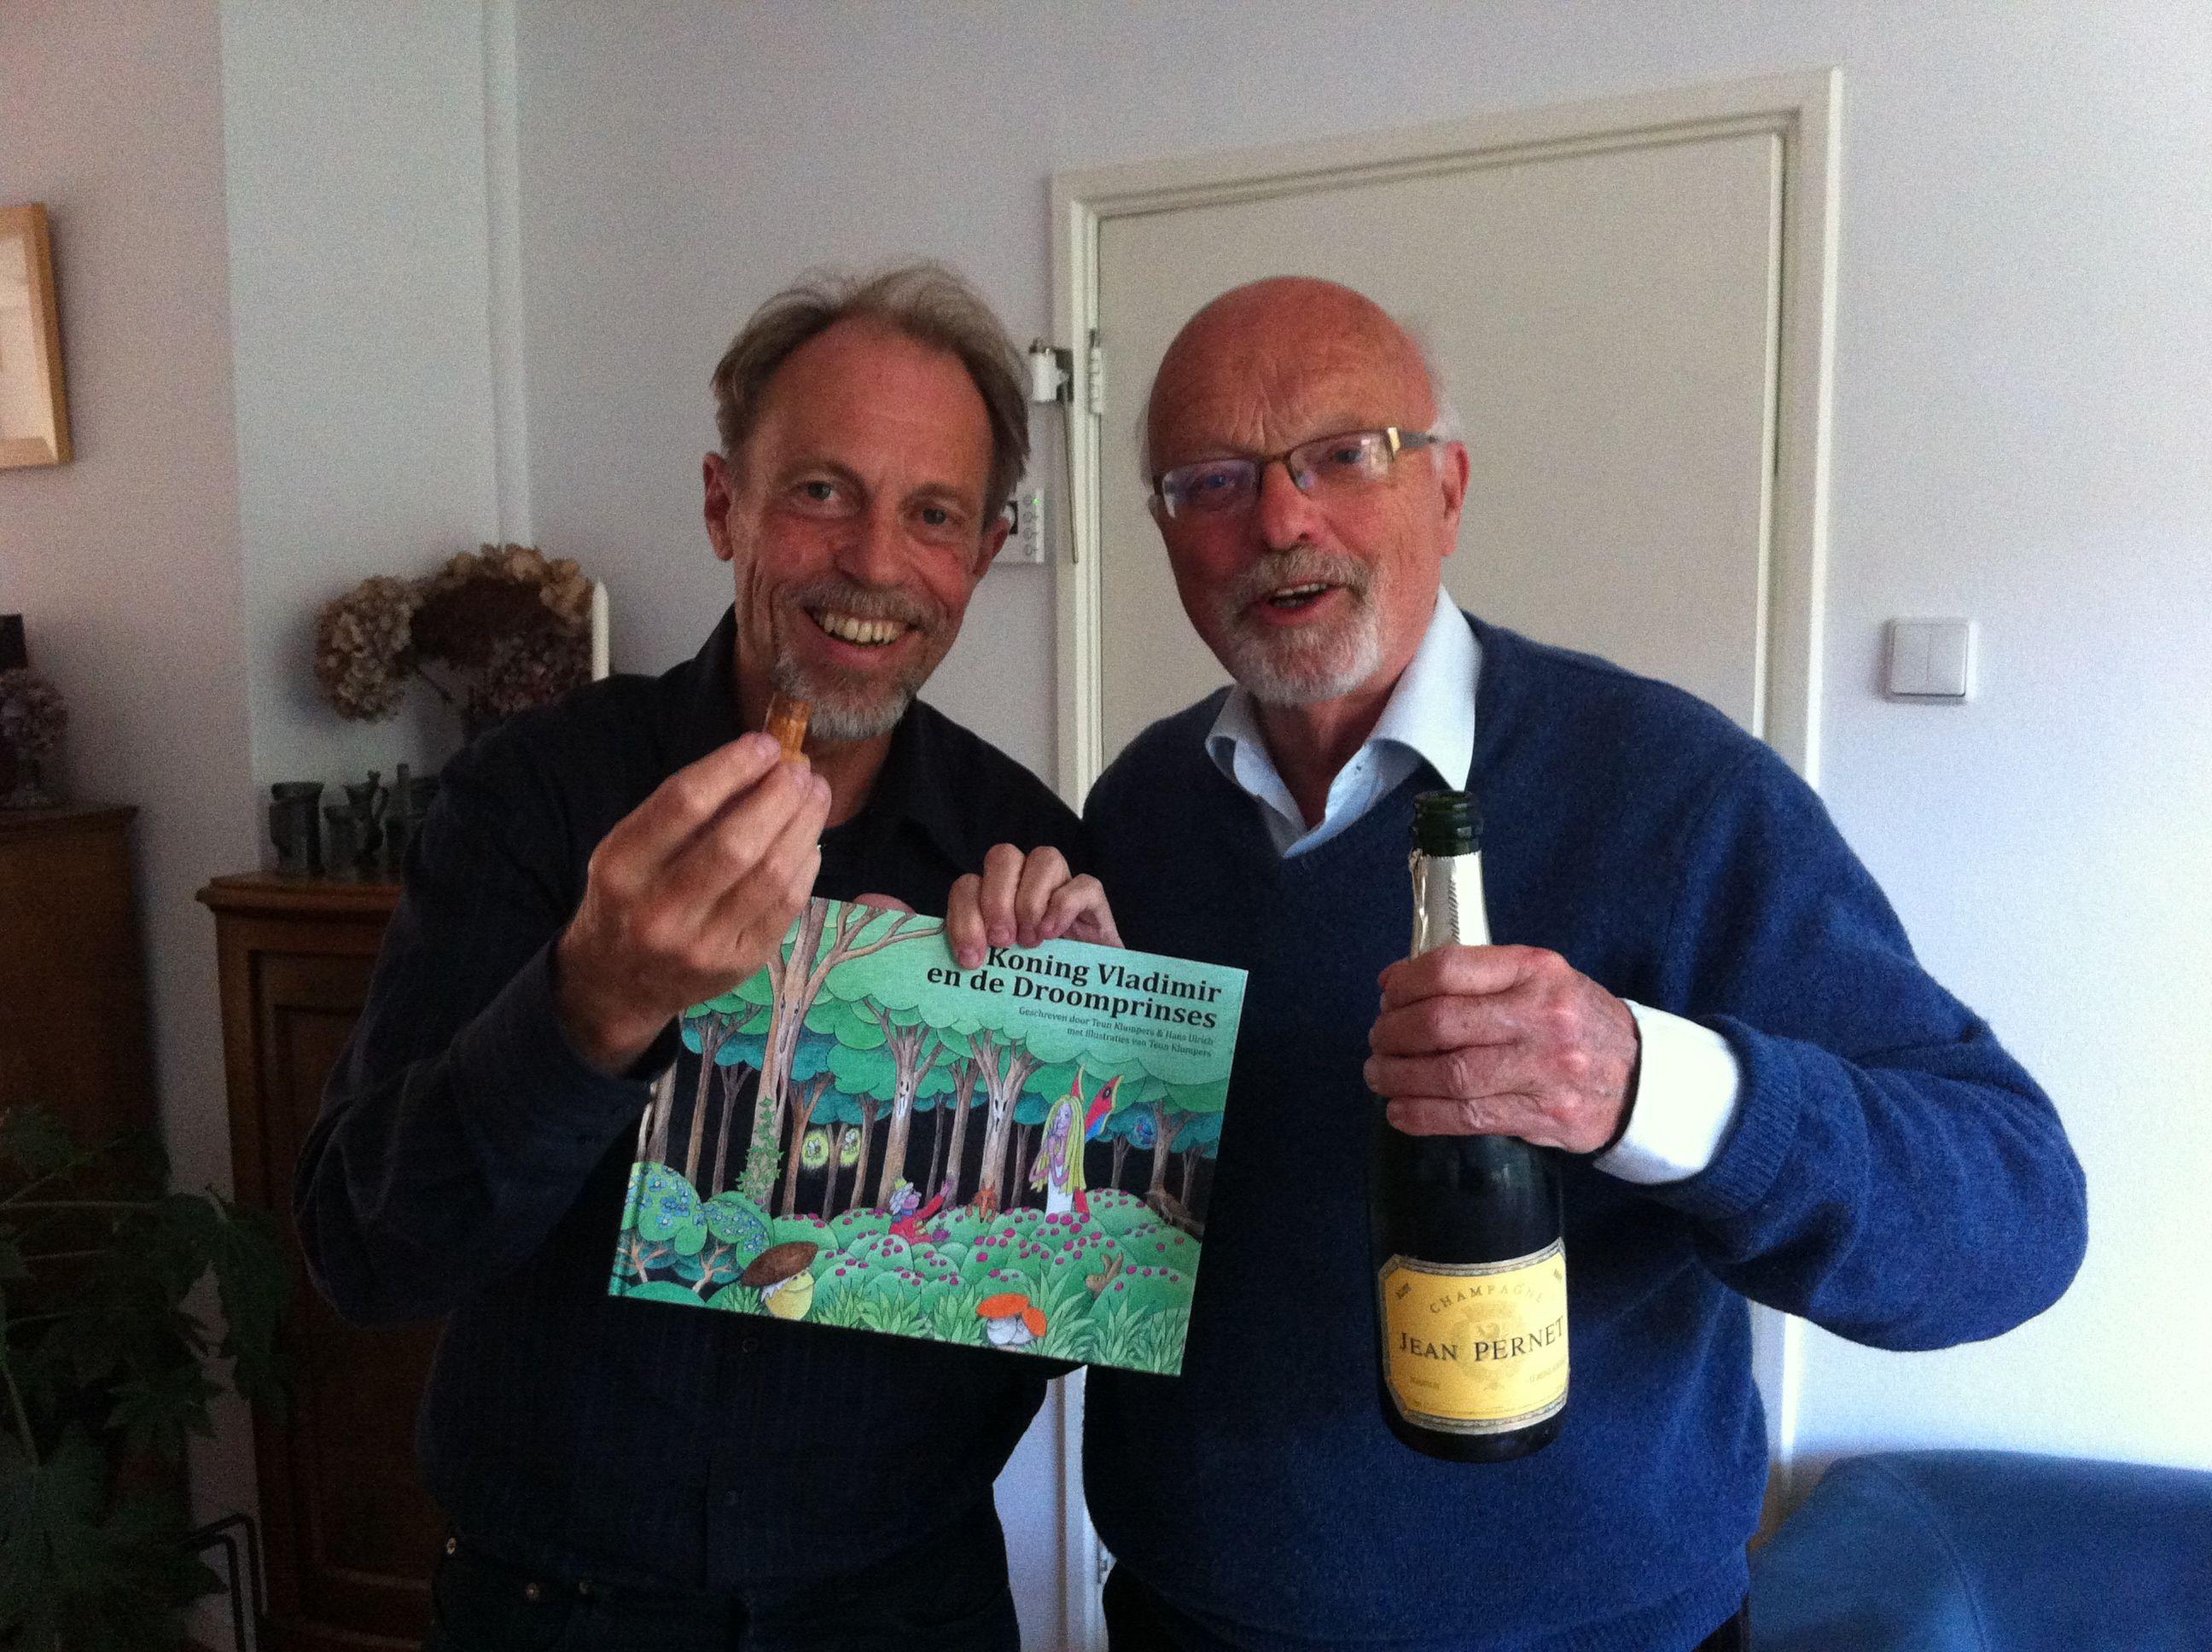 #HansUlrich en #TeunKlumpers, de auteurs met het eerste exemplaar van #KoningVladimir!